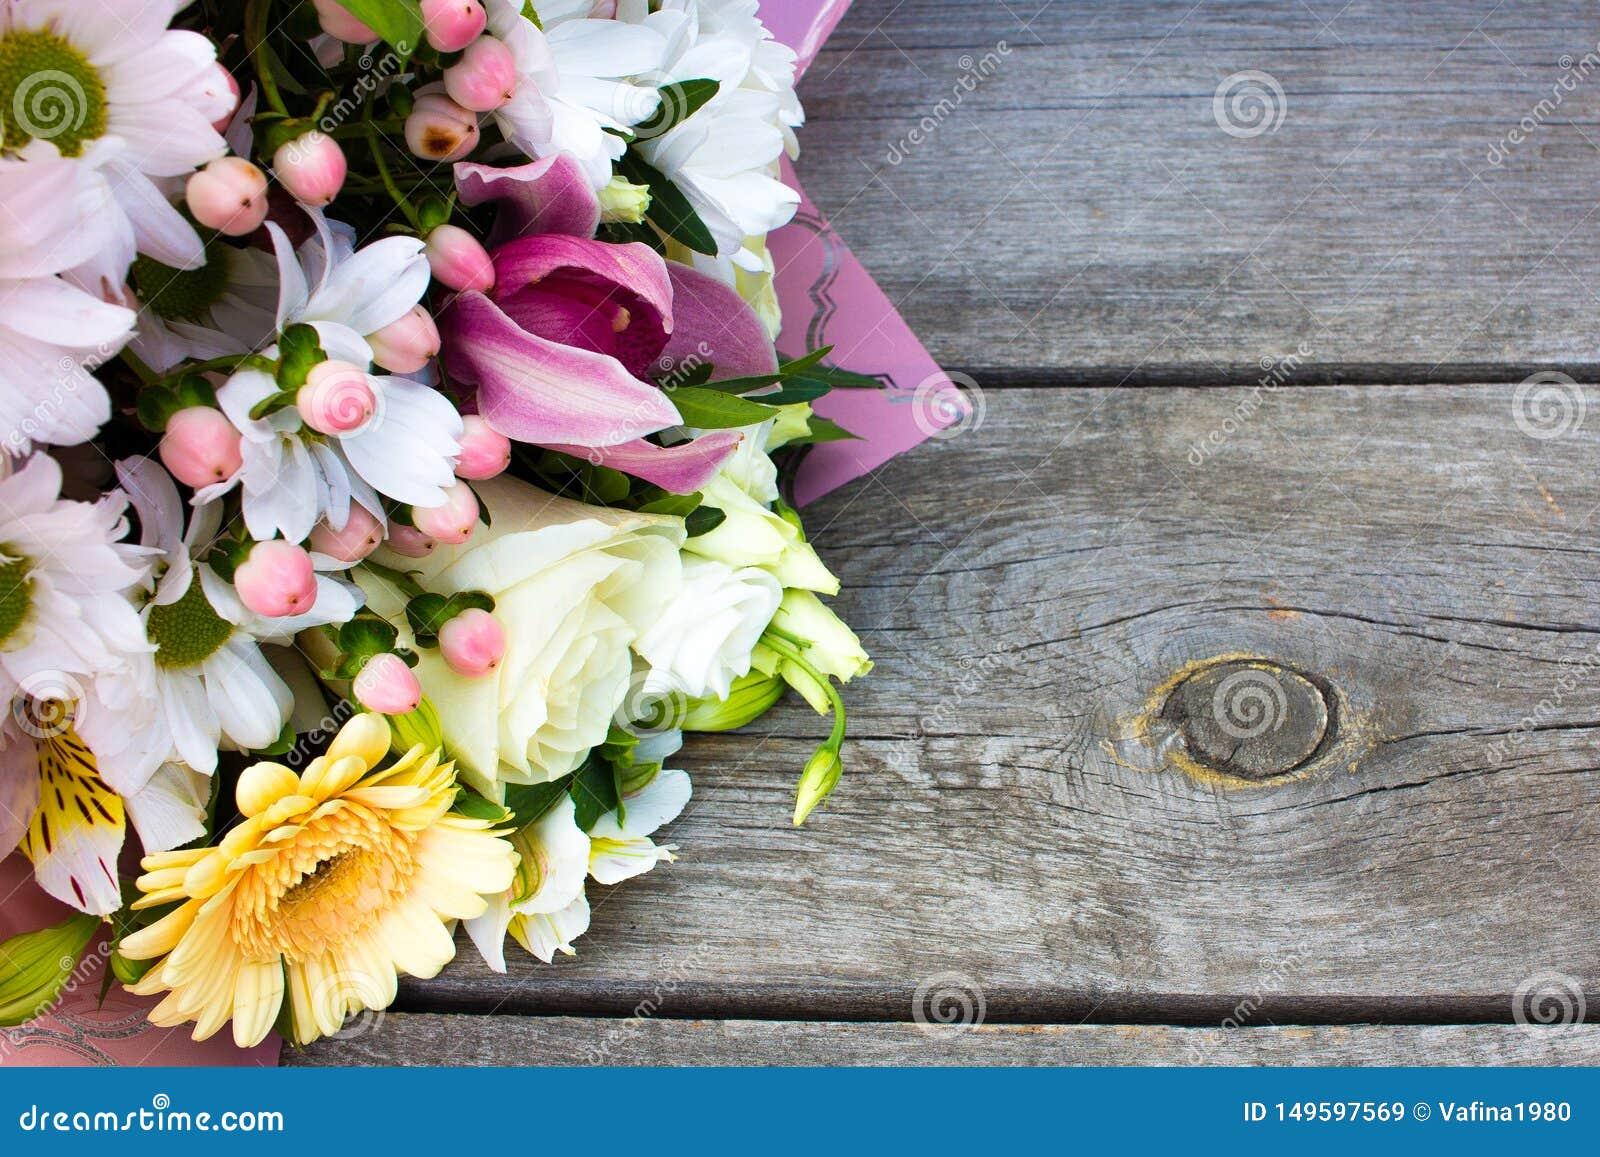 Ein schöner Blumenstrauß der schönen Vielzahl der Blumen